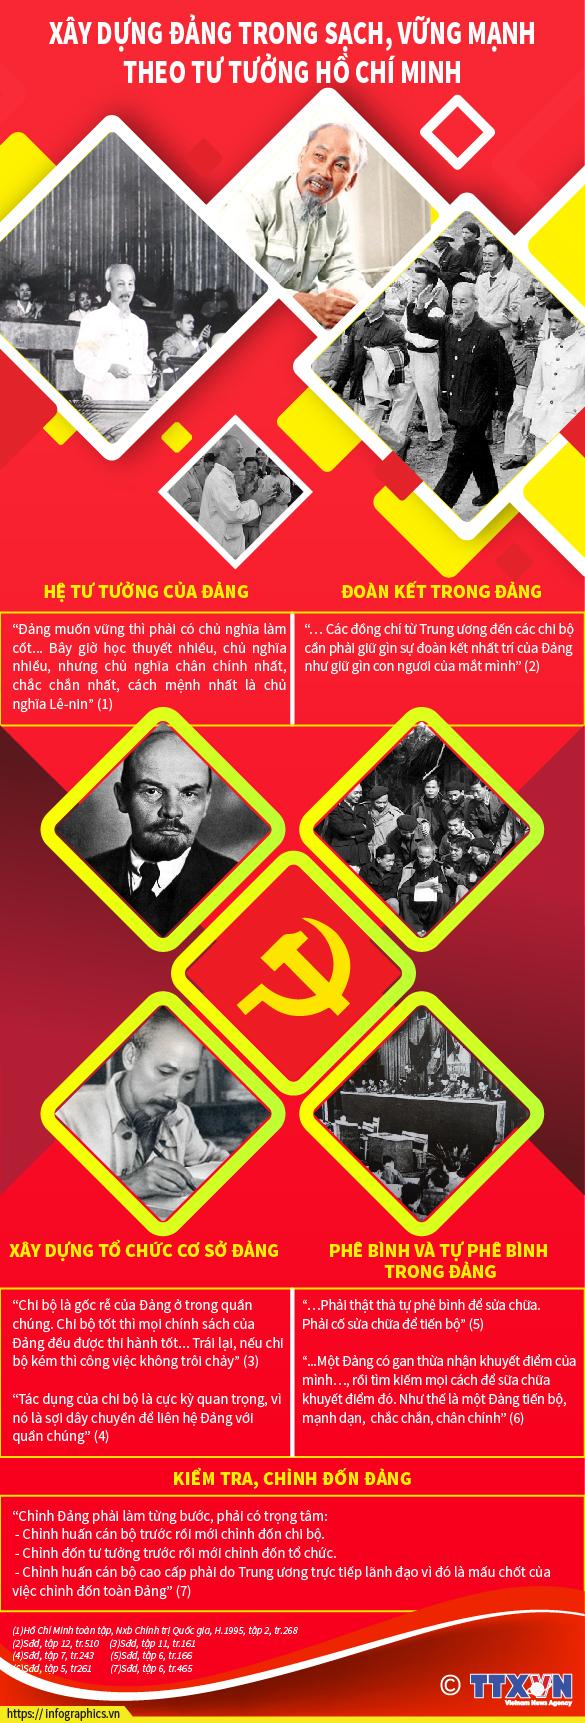 Xây dựng Đảng trong sạch vững mạnh theo tư tưởng Hồ Chí Minh